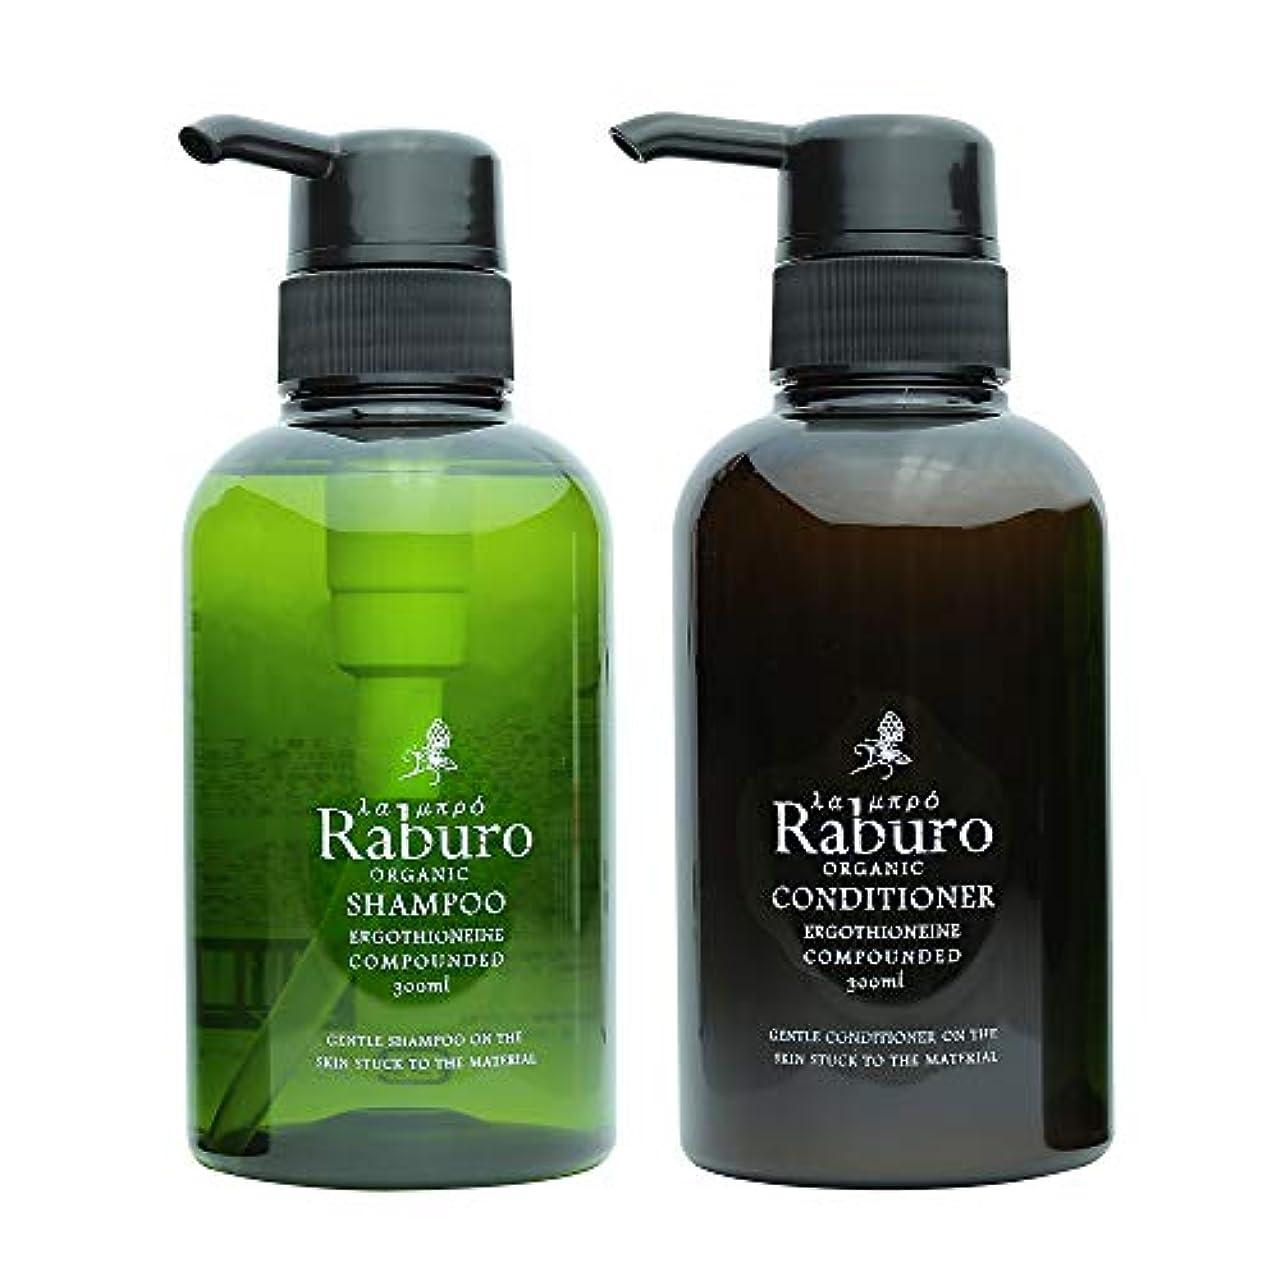 本当のことを言うと老人プロテスタントラブロ(Raburo)オーガニックシャンプー&コンディショナー 300mlセット【男性/女性/子供兼用】髪と頭皮にやさしい15の無添加 低刺激 弱酸性 アミノ酸 ノンシリコン 天然由来成分